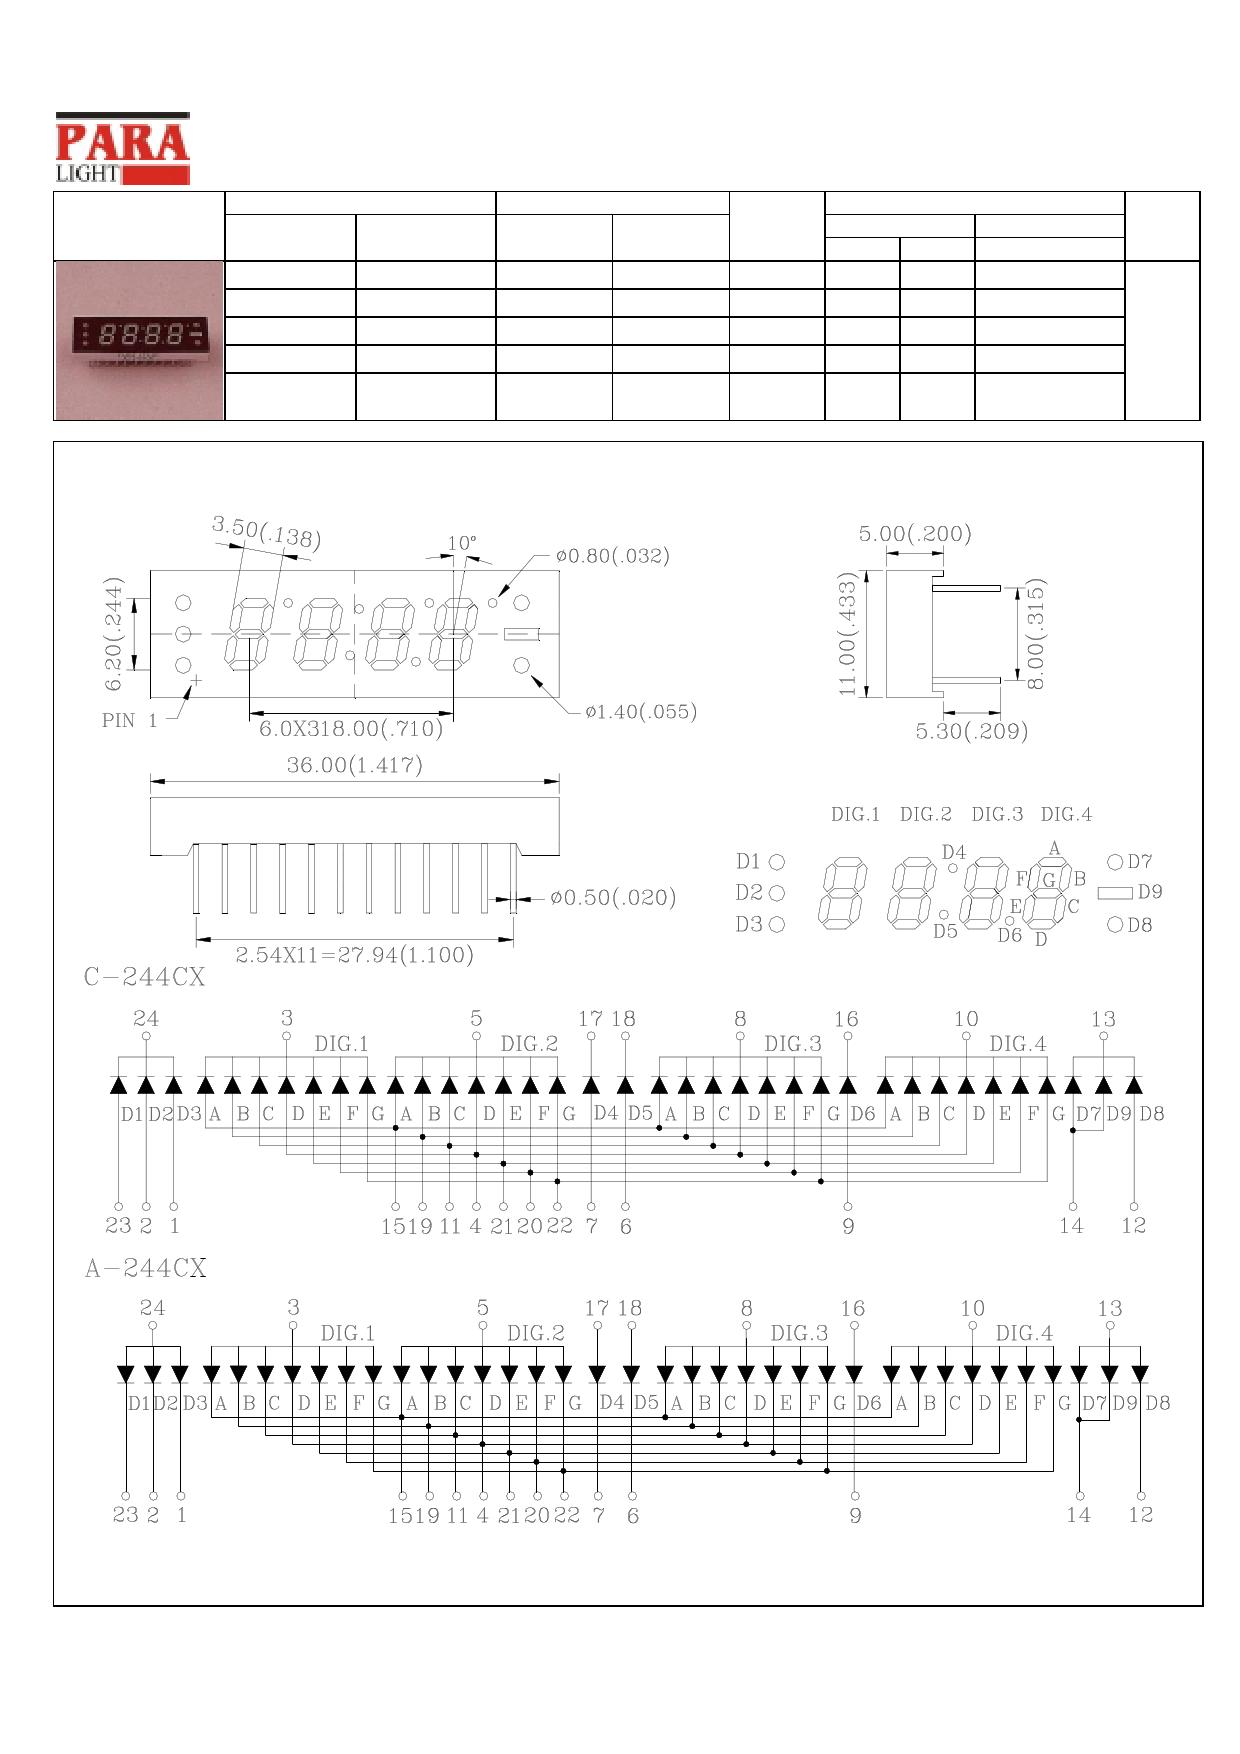 C-244CX datasheet